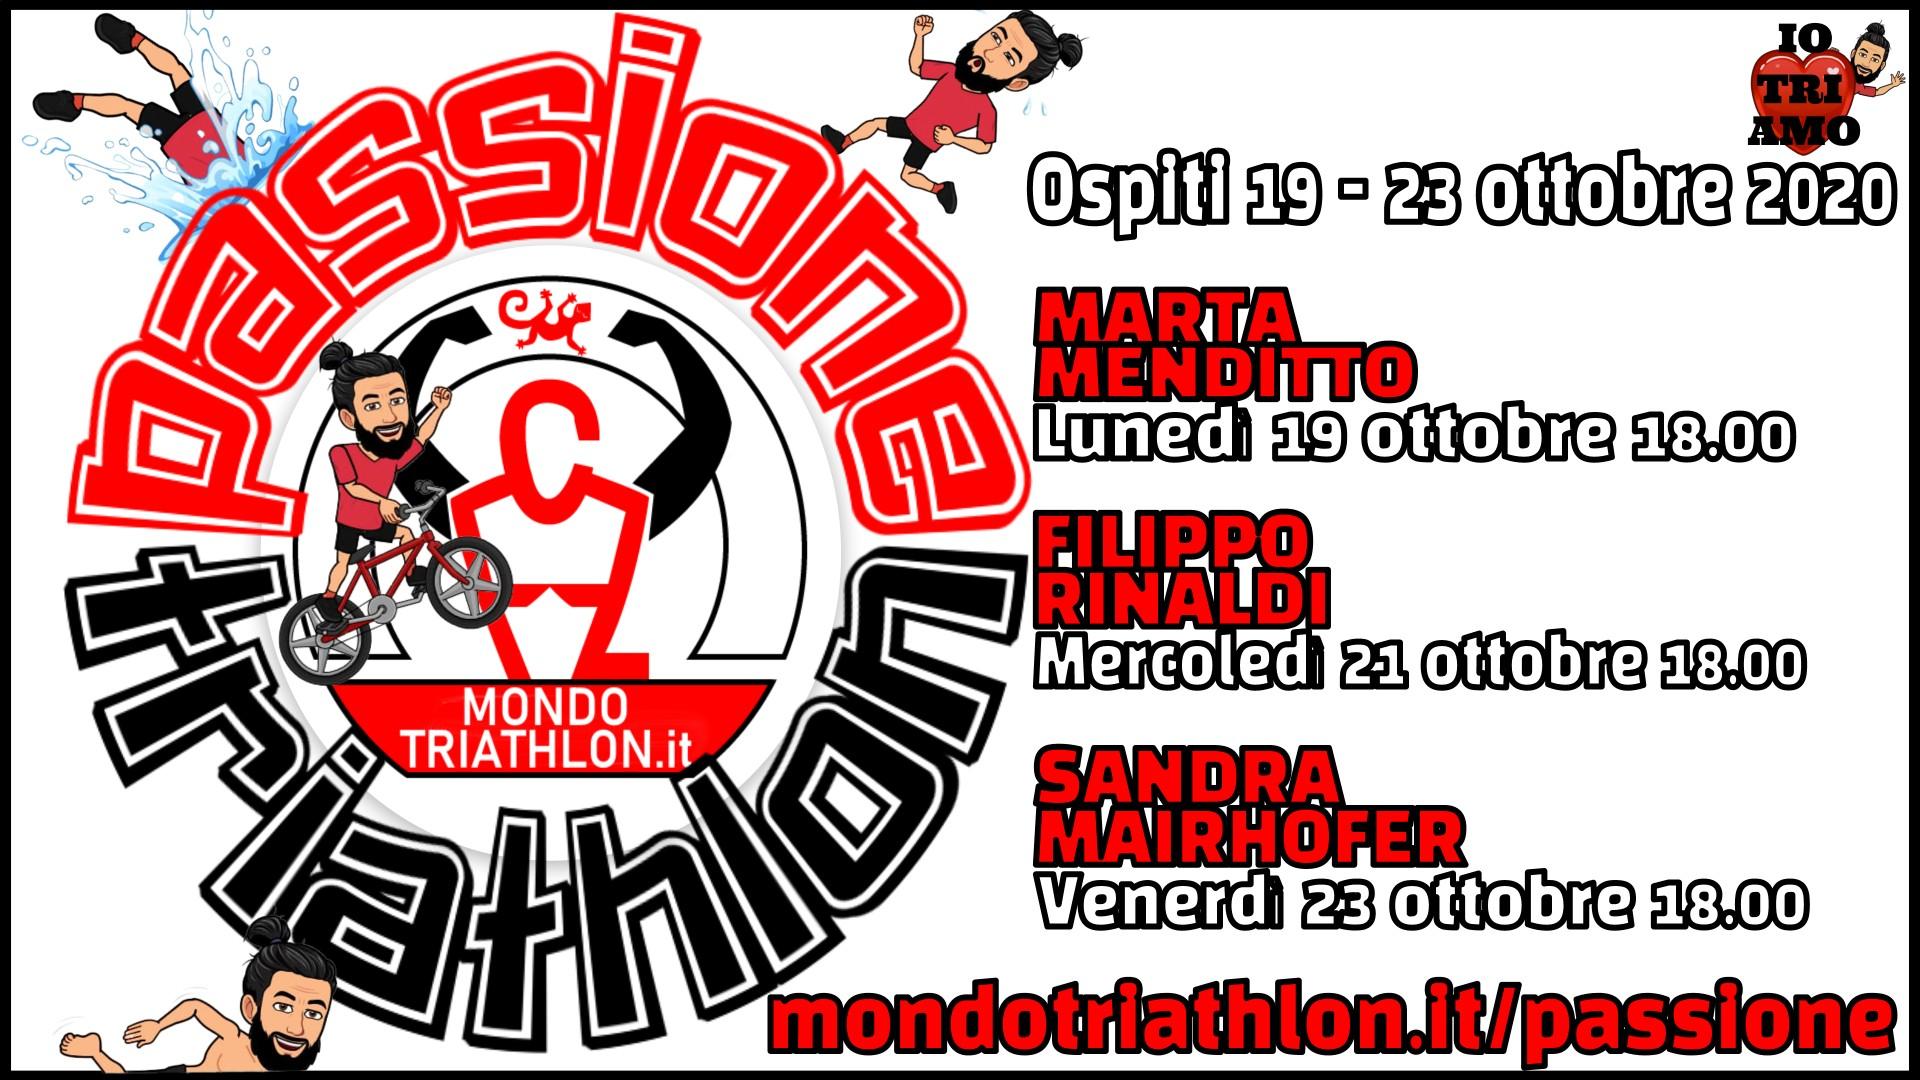 Programma Passione Triathlon 19-23 ottobre 2020